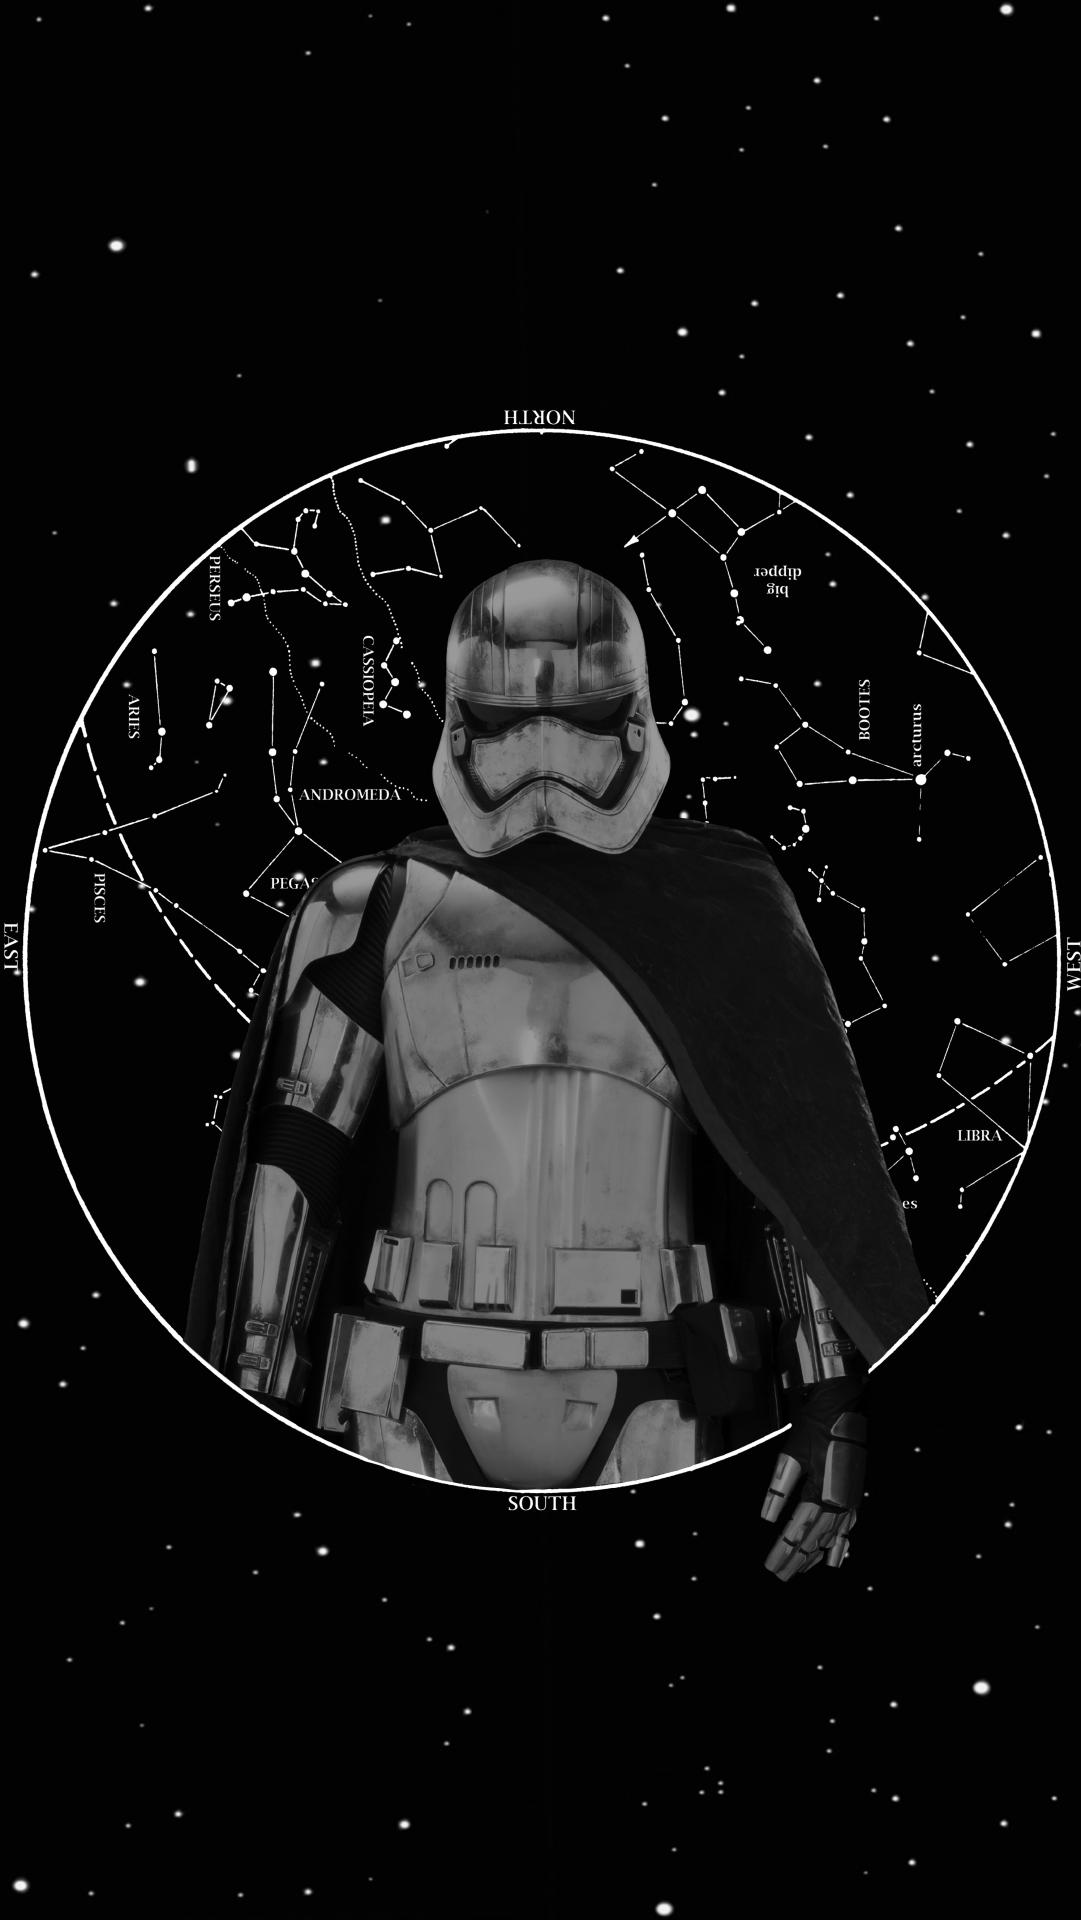 Star Wars The Force Awakens Tumblr Star Wars Star Wars Star